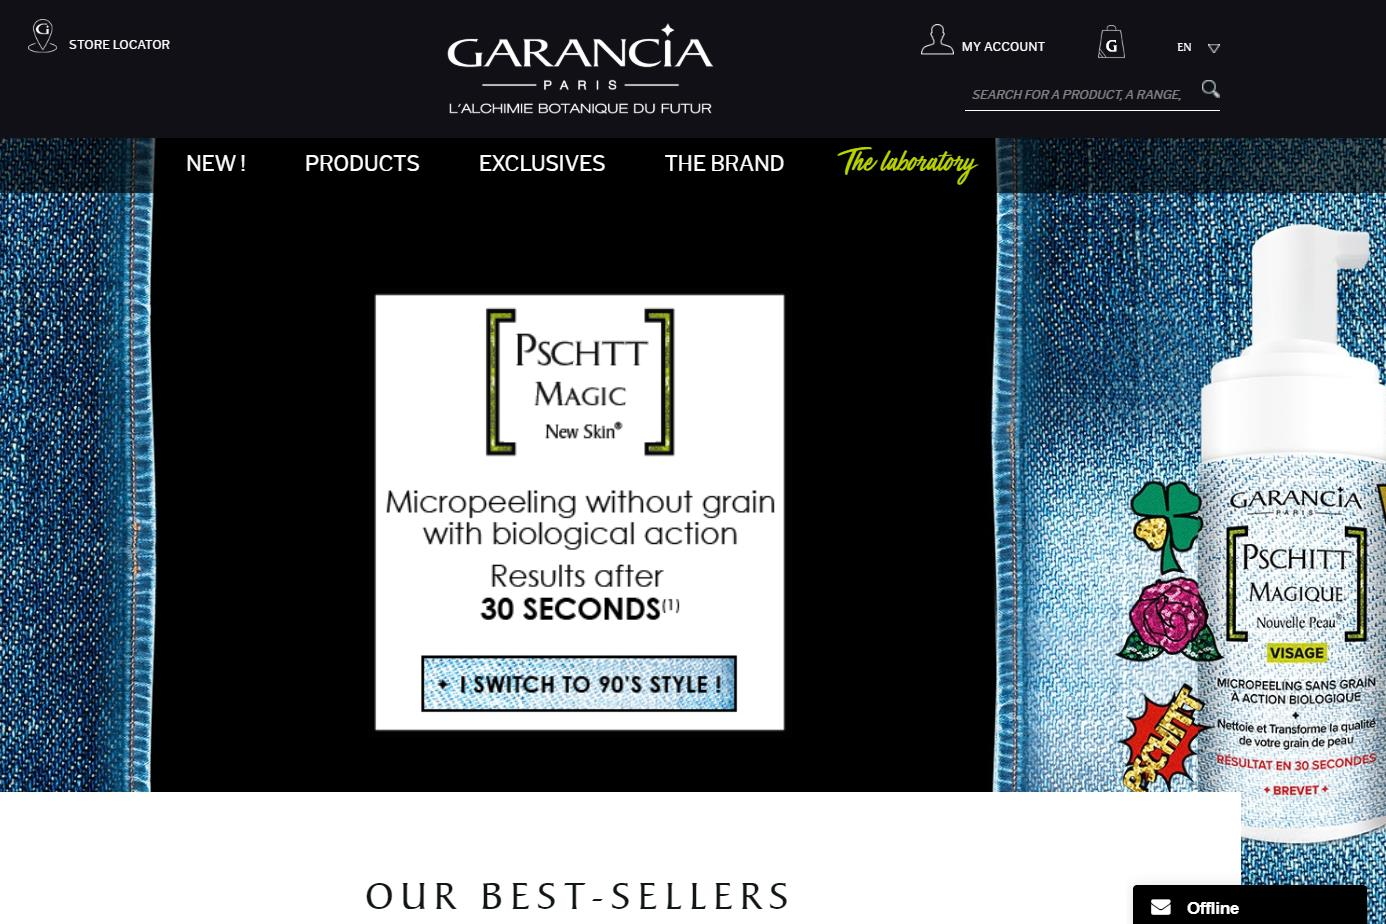 联合利华即将收购法国药妆品牌 Garancia